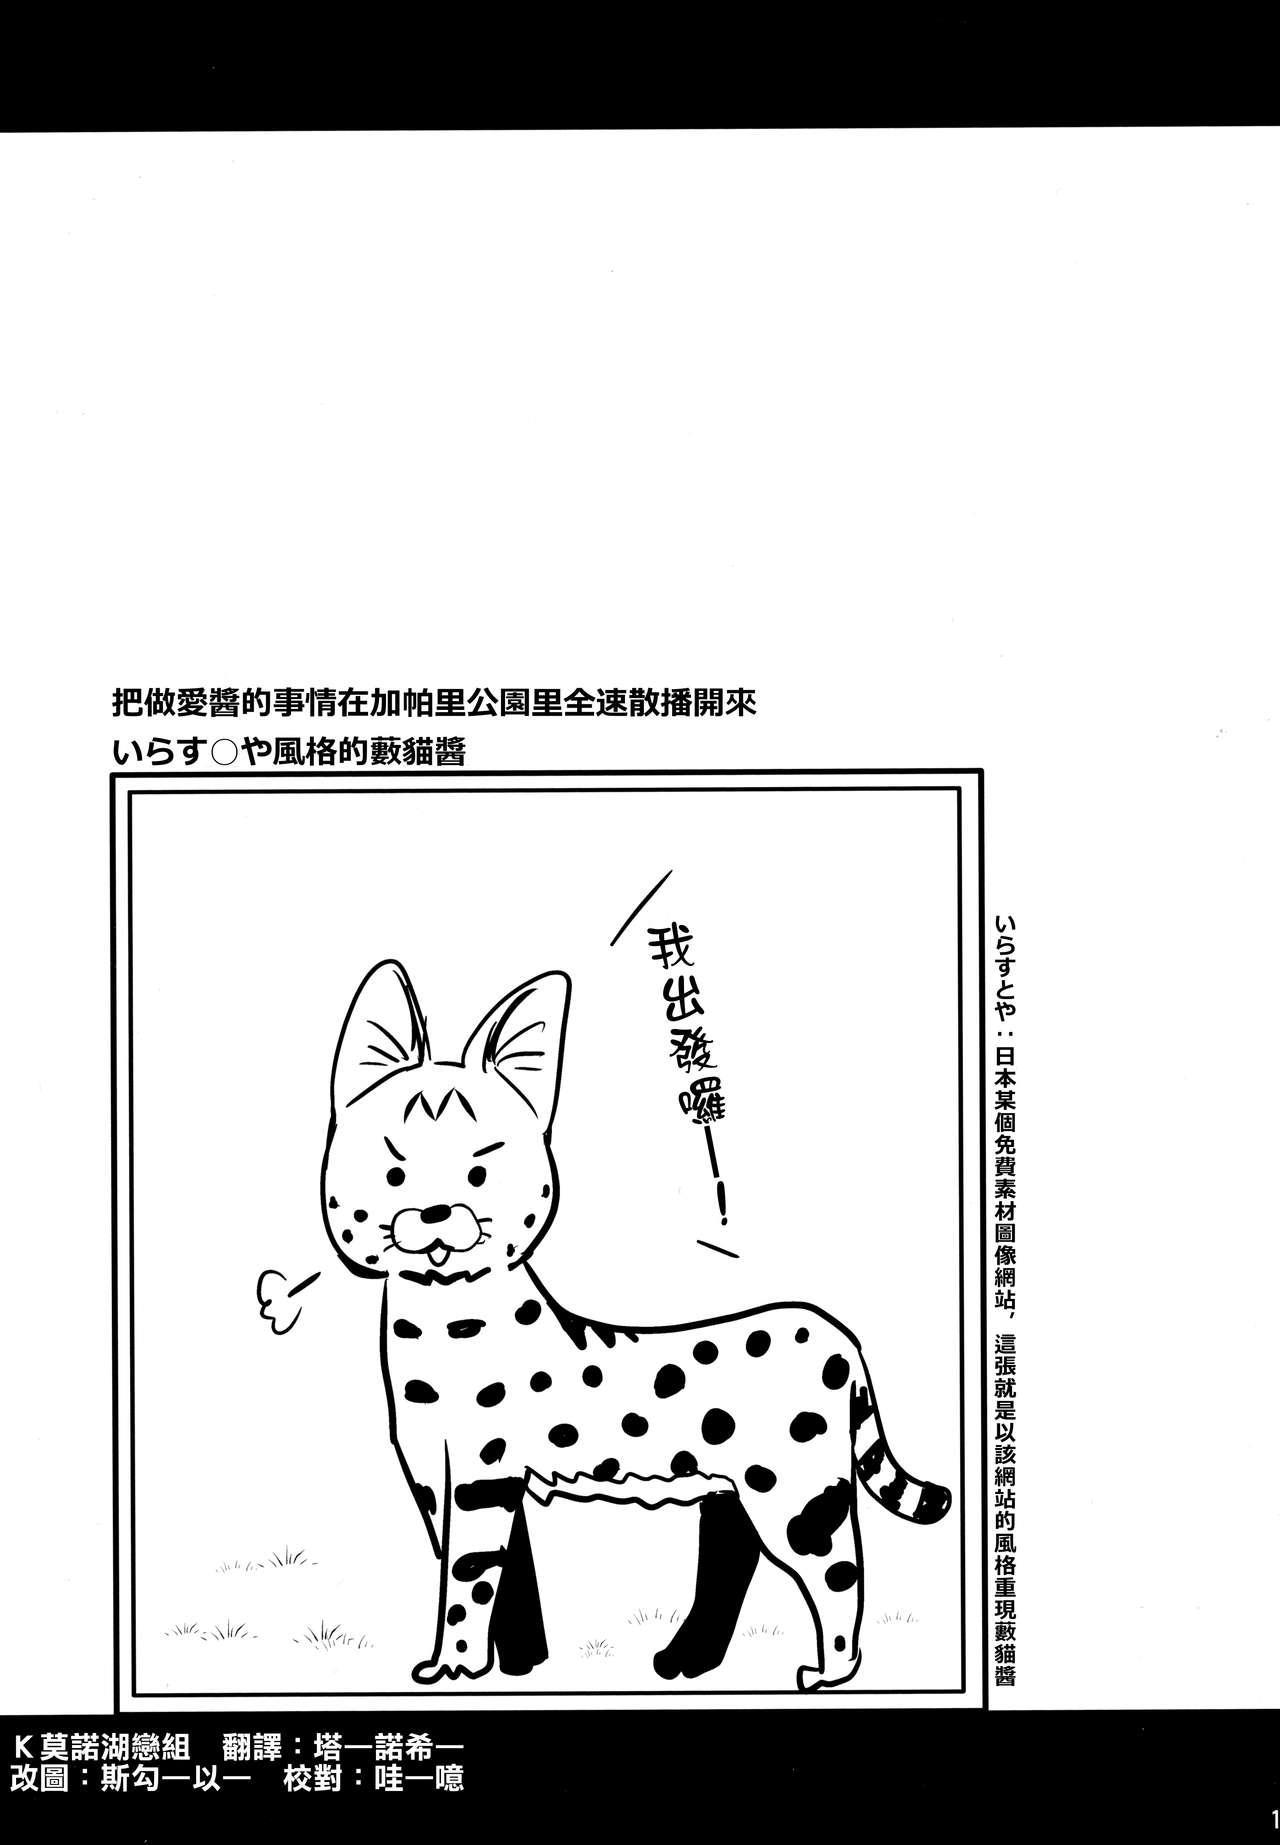 """(SC2017 Winter) [Shin Hirijidou Honpo (Hijiri Tsukasa)] Sugoi! Anata wa Hitori Koubi Gokko ga Tokui na Friends Nanda ne - Serval-chan ni, """"Hanshoku no Tame no Koubi"""" ja nai, Kimochiyoku Naru Tame no """"Namahame Sex"""" Oshieteageru Hanashi. (Kemono Friends) [Chinese] 16"""